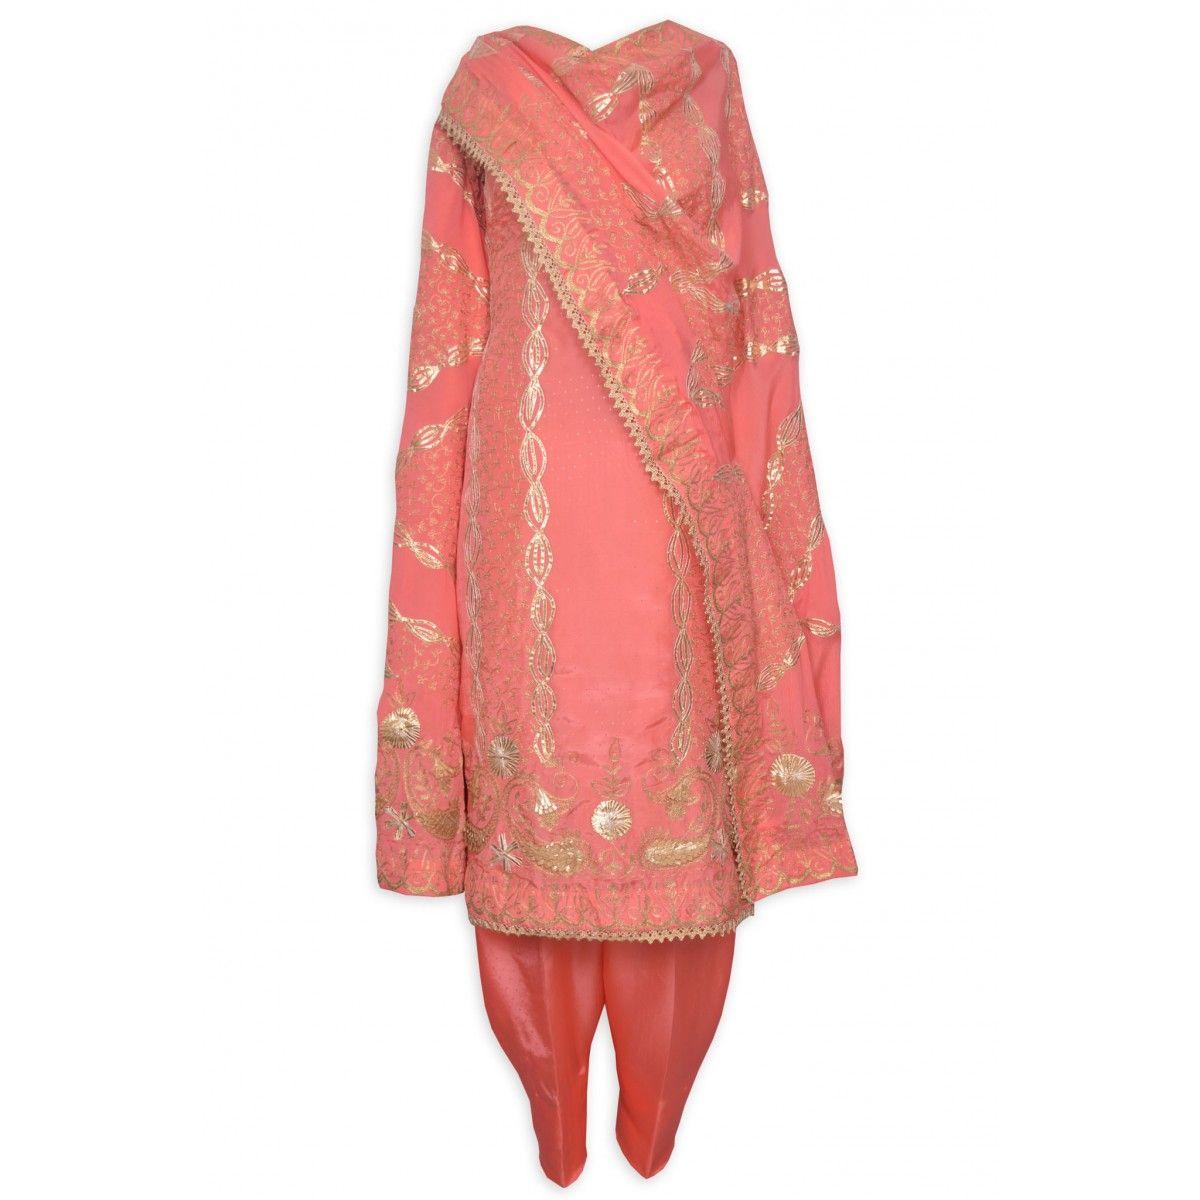 Appealing gajari unstitched suit adorn in gota and zari workmohanus